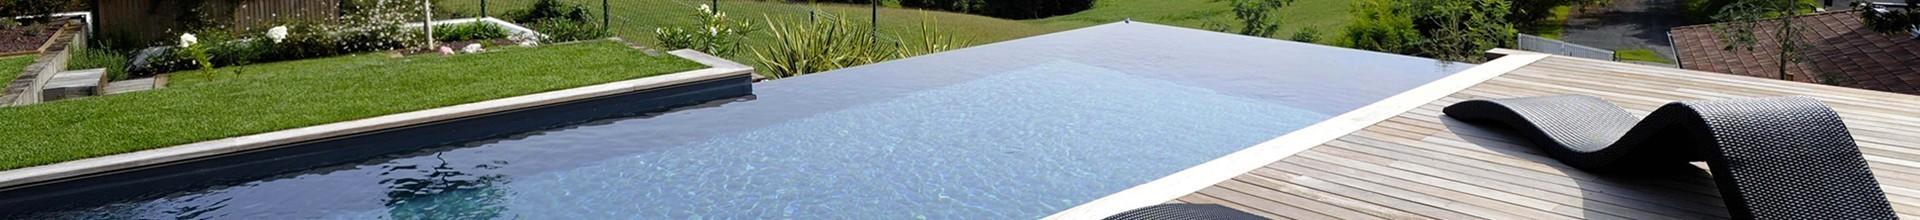 Bourgogne, piscine sportive avec un équipement sophistiqué